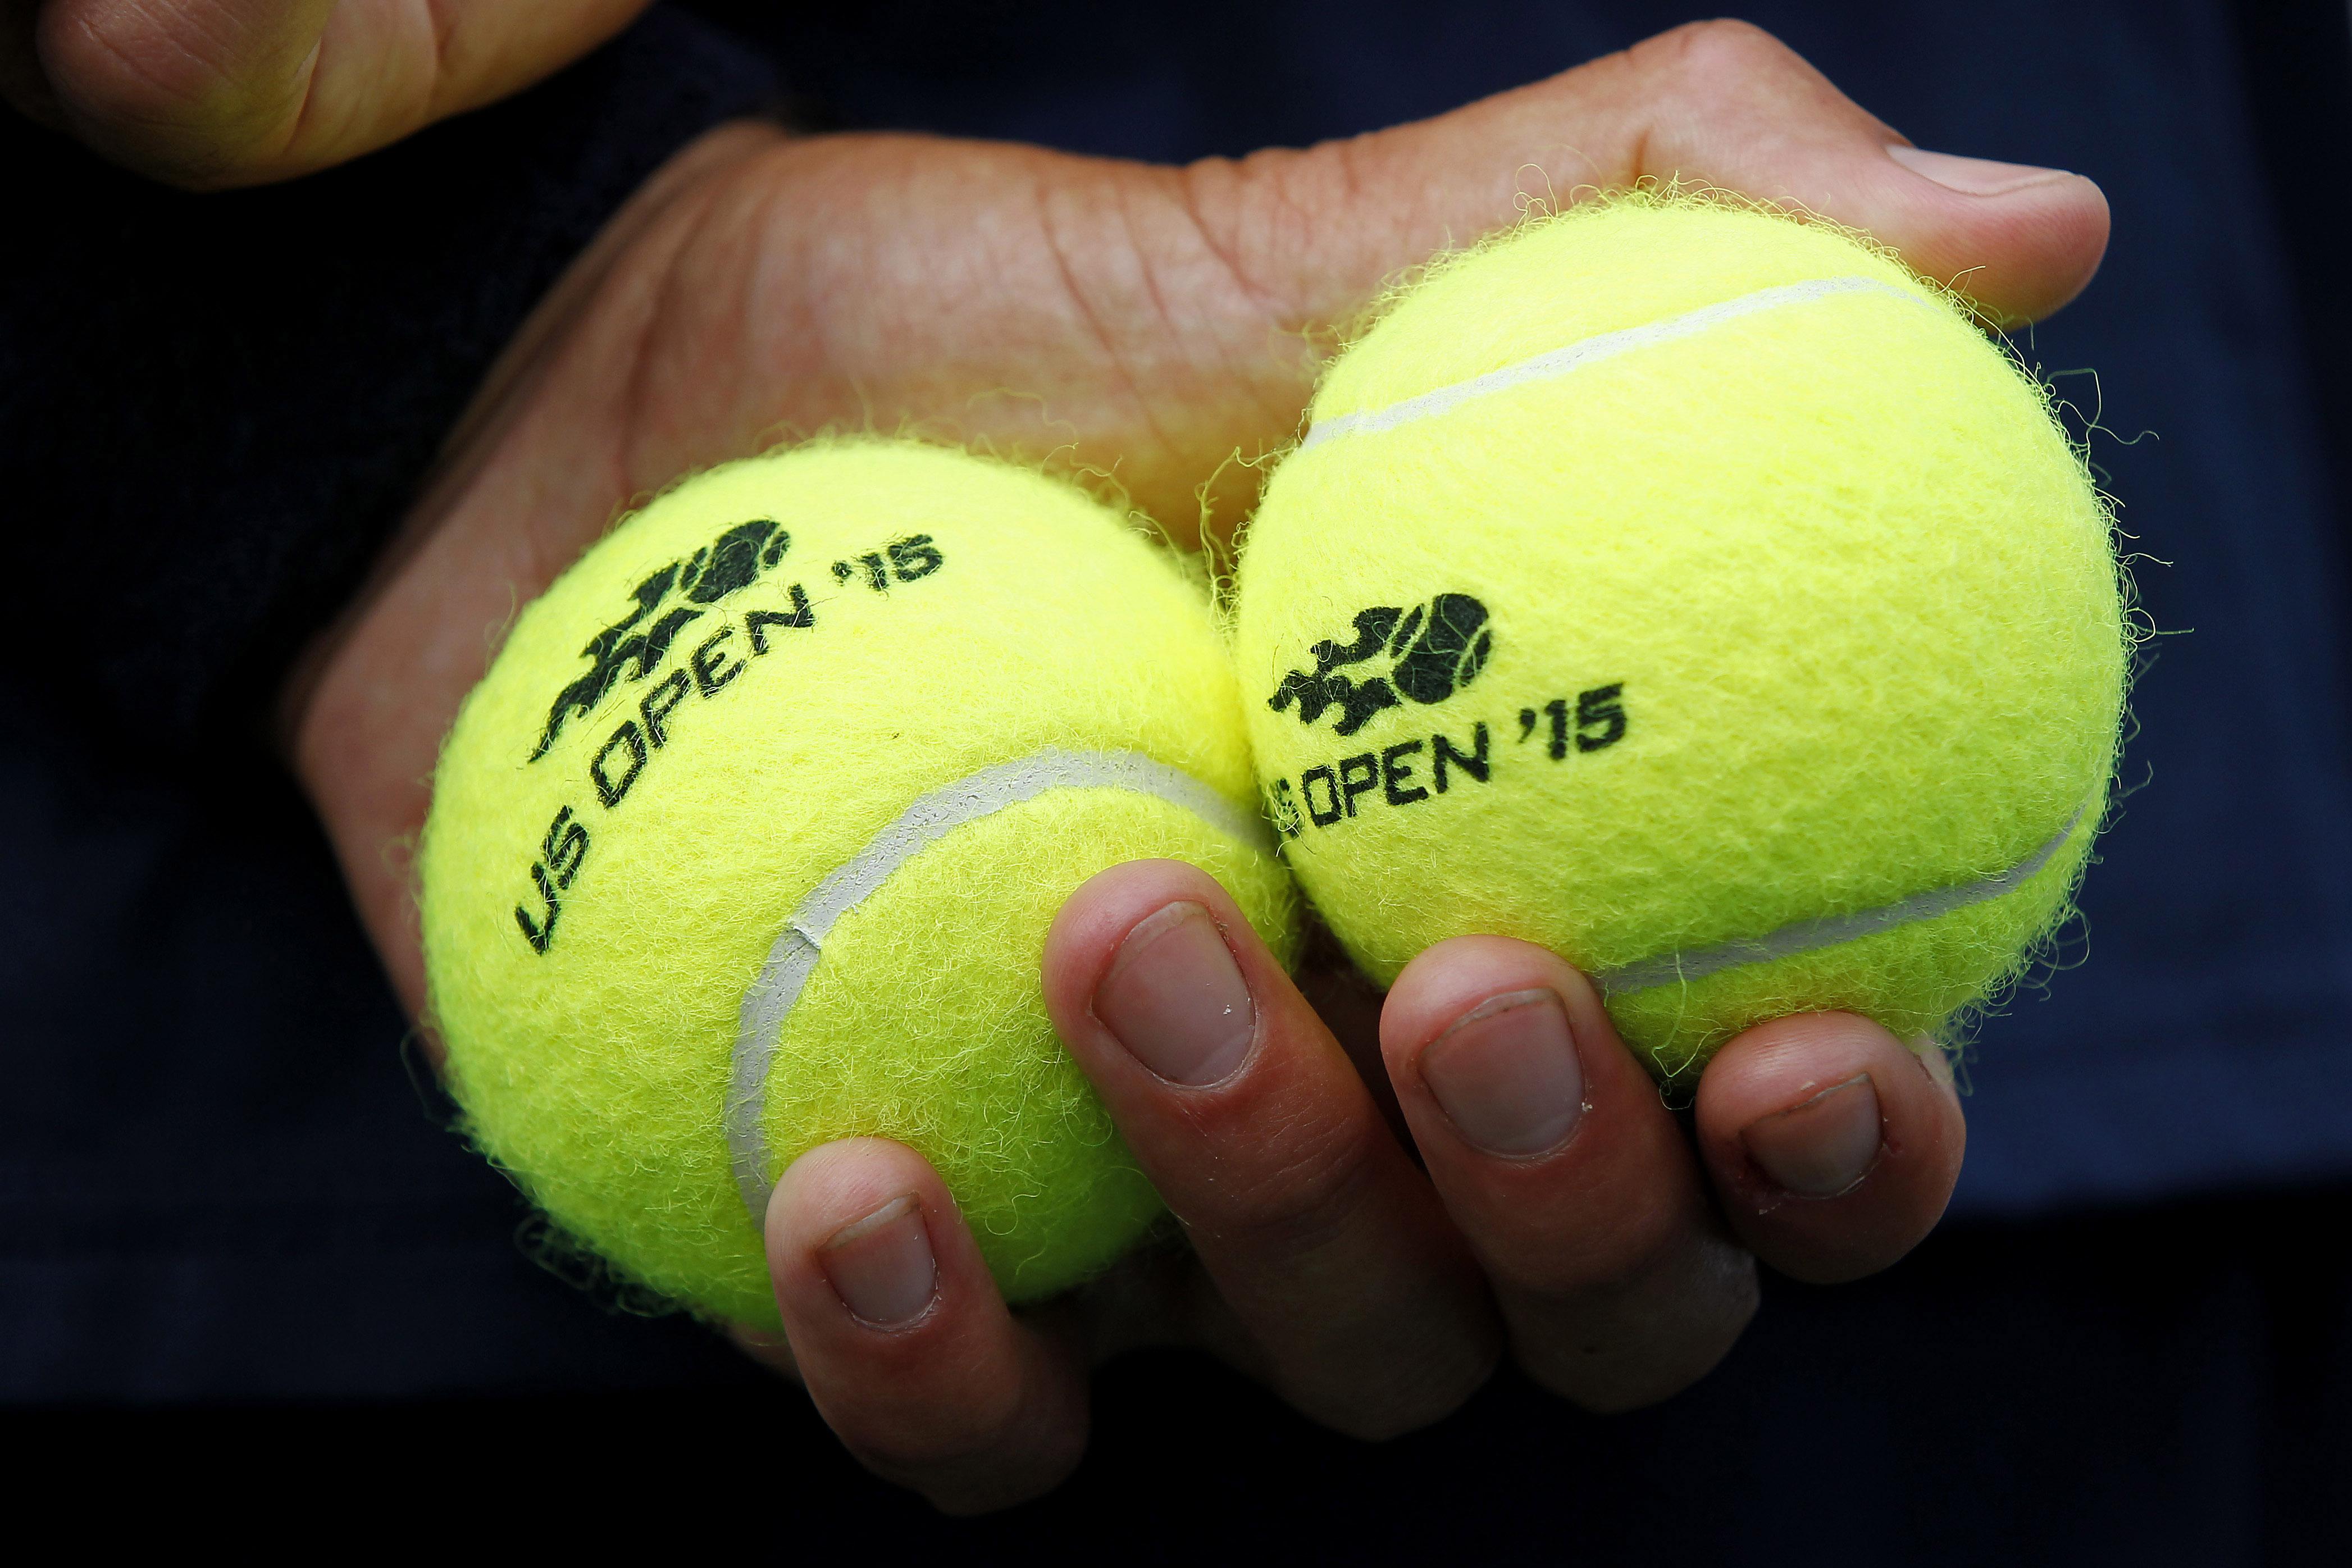 8773332-tennis-u.s.-open